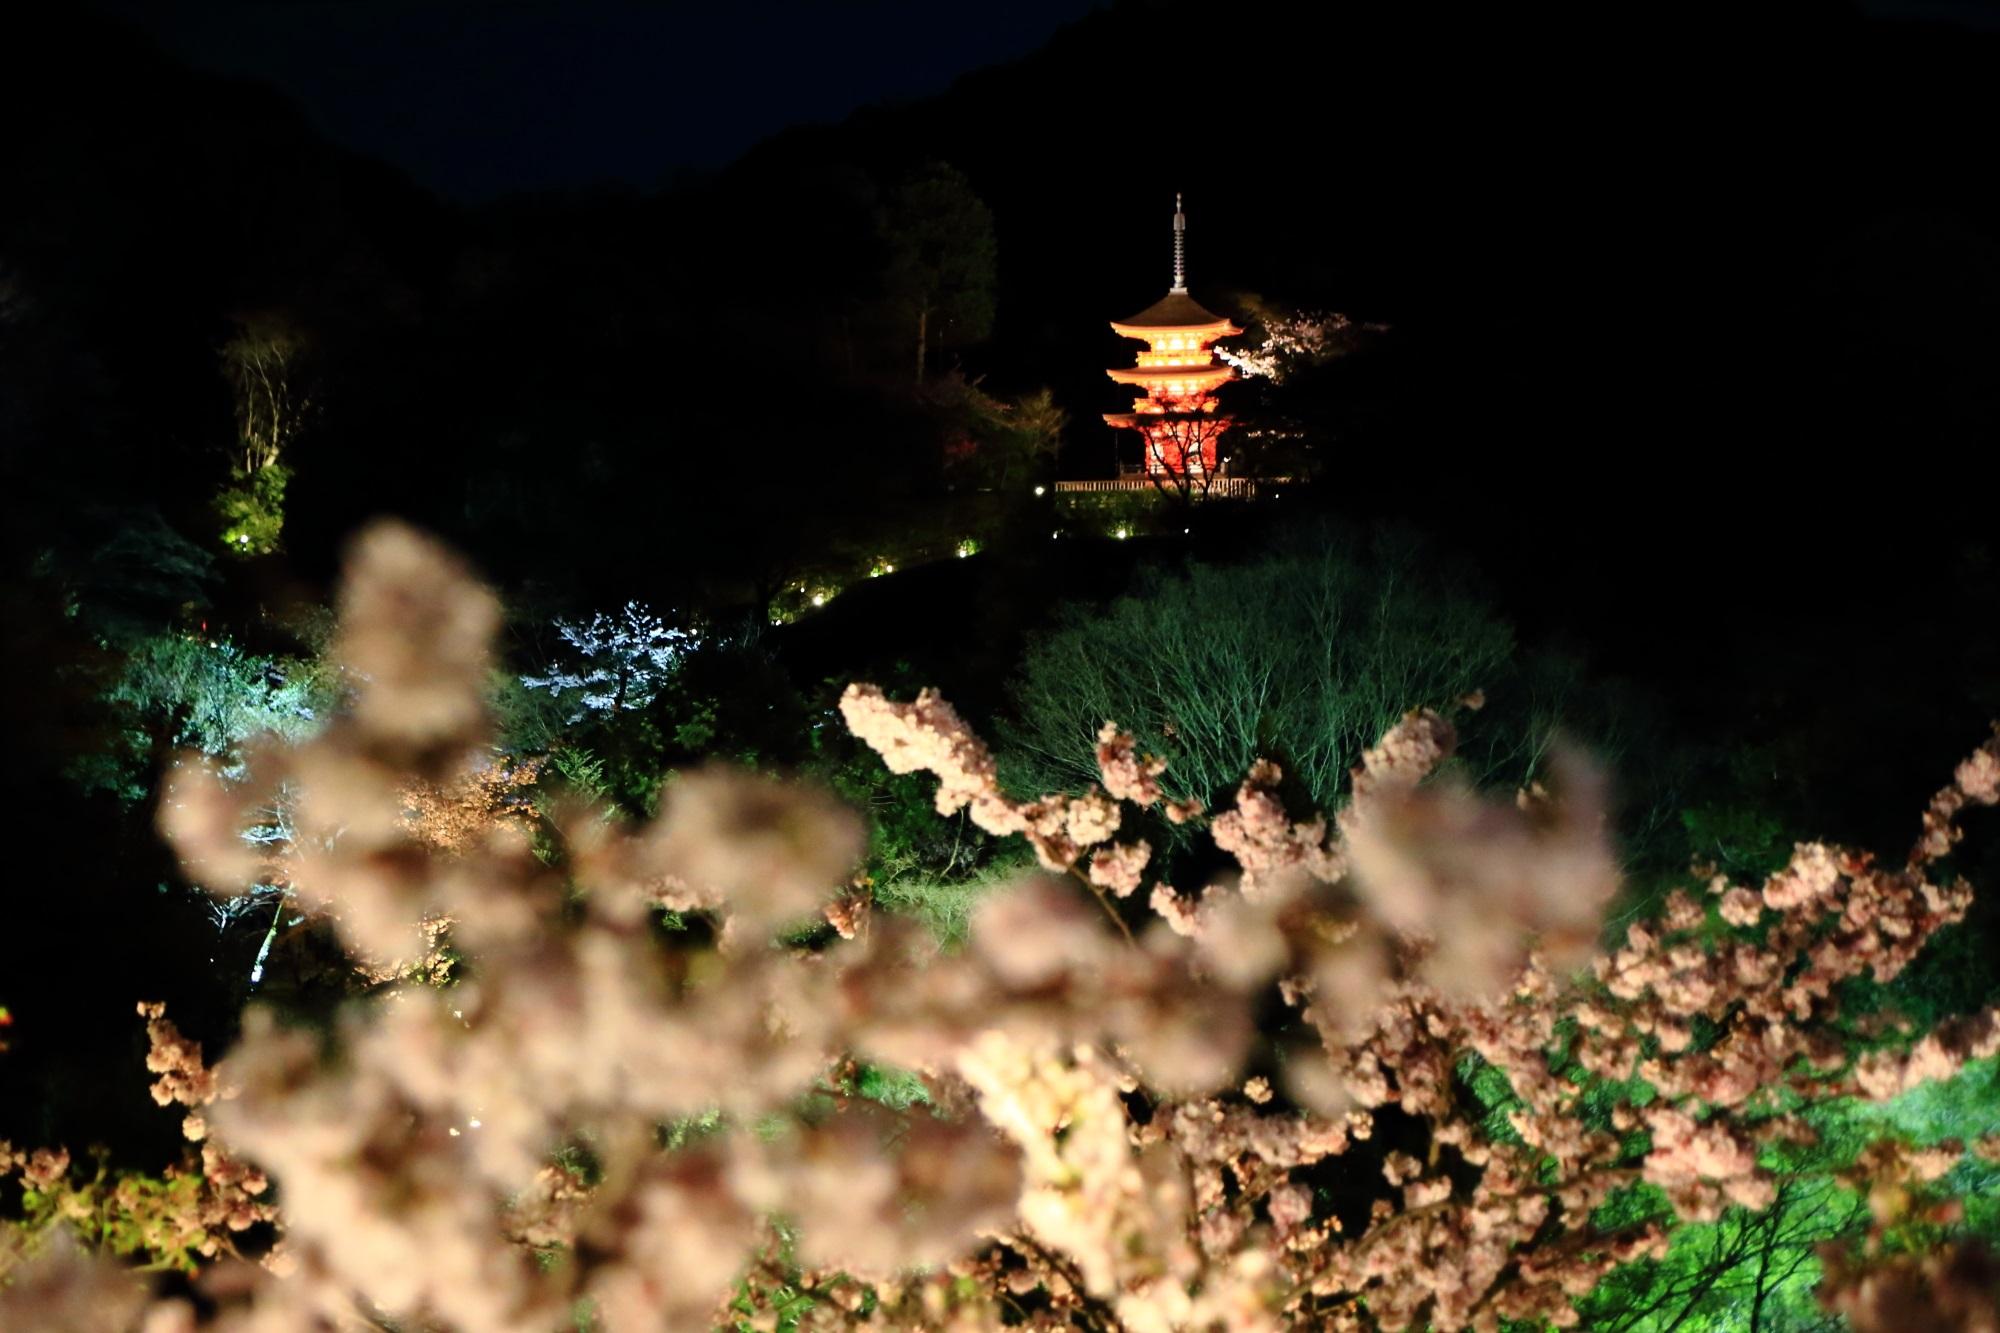 闇夜を彩る夜桜と浮かび上がる子安塔